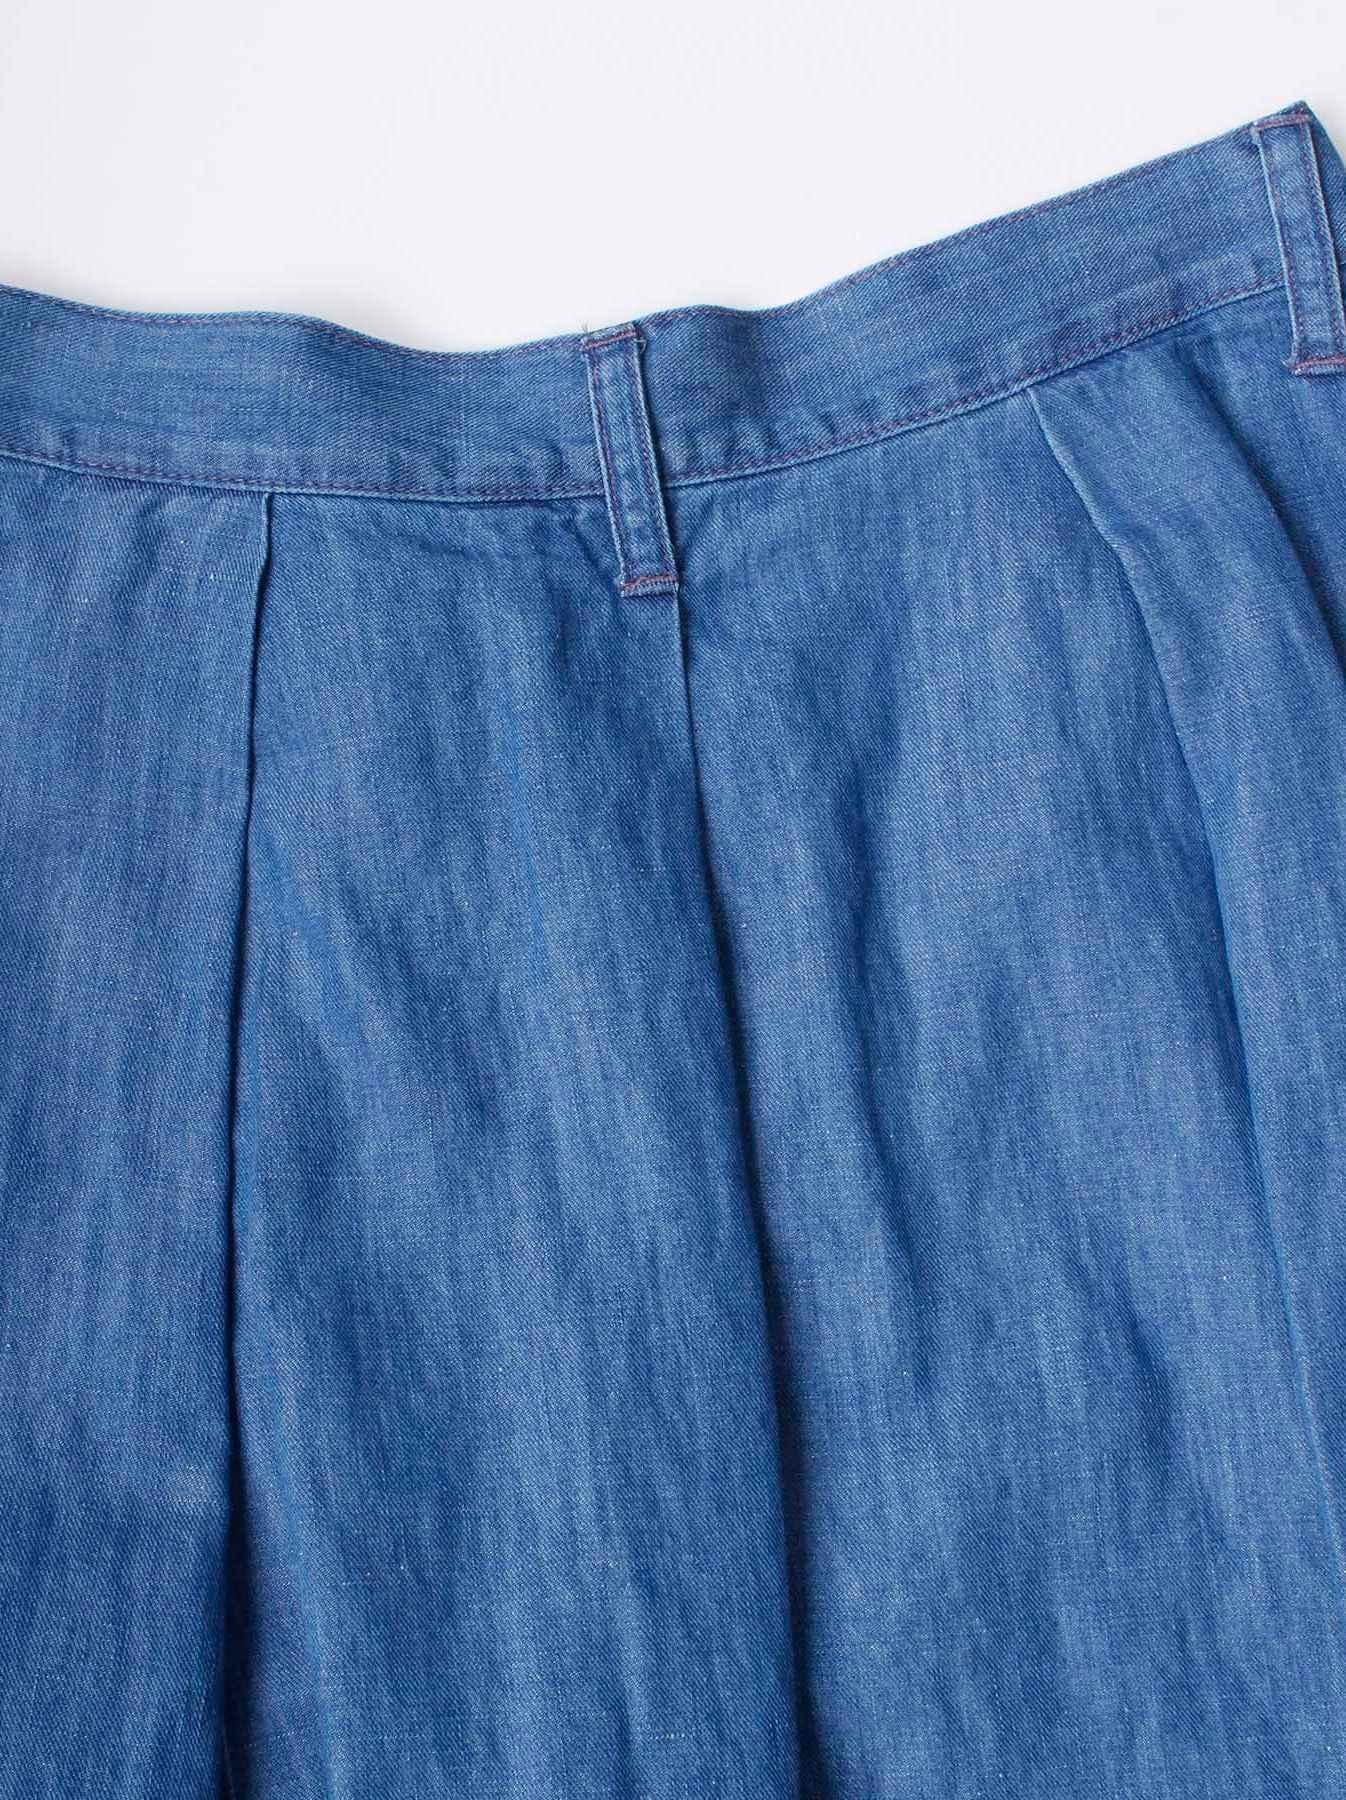 WH Cotton Linen Mon-petit Skirt-10